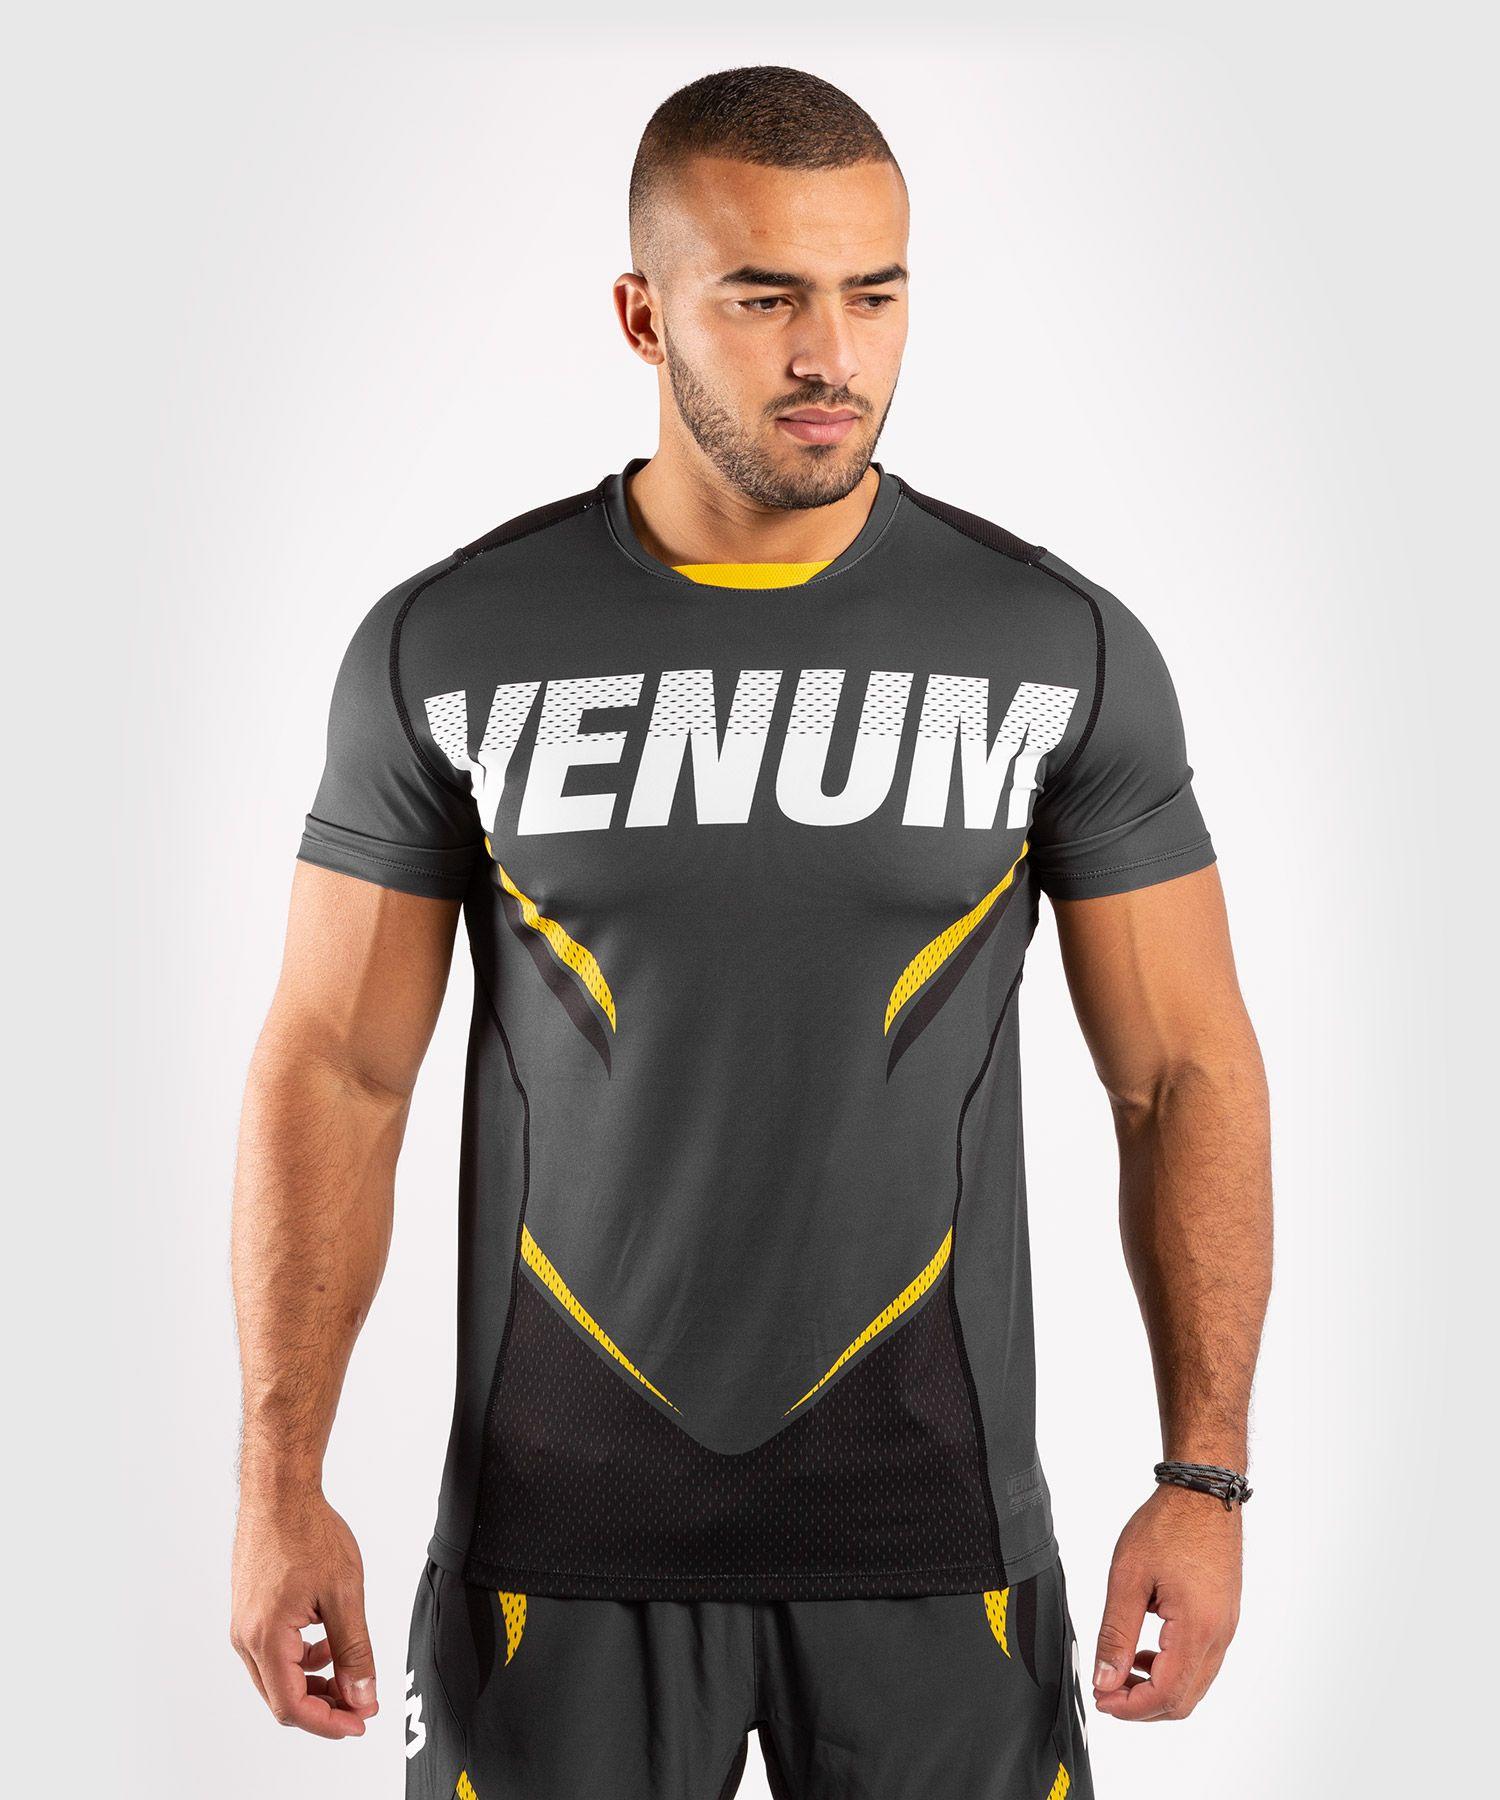 베넘 ONE FC 임팩트 드라이 테크 티셔츠 - 그레이/옐로우